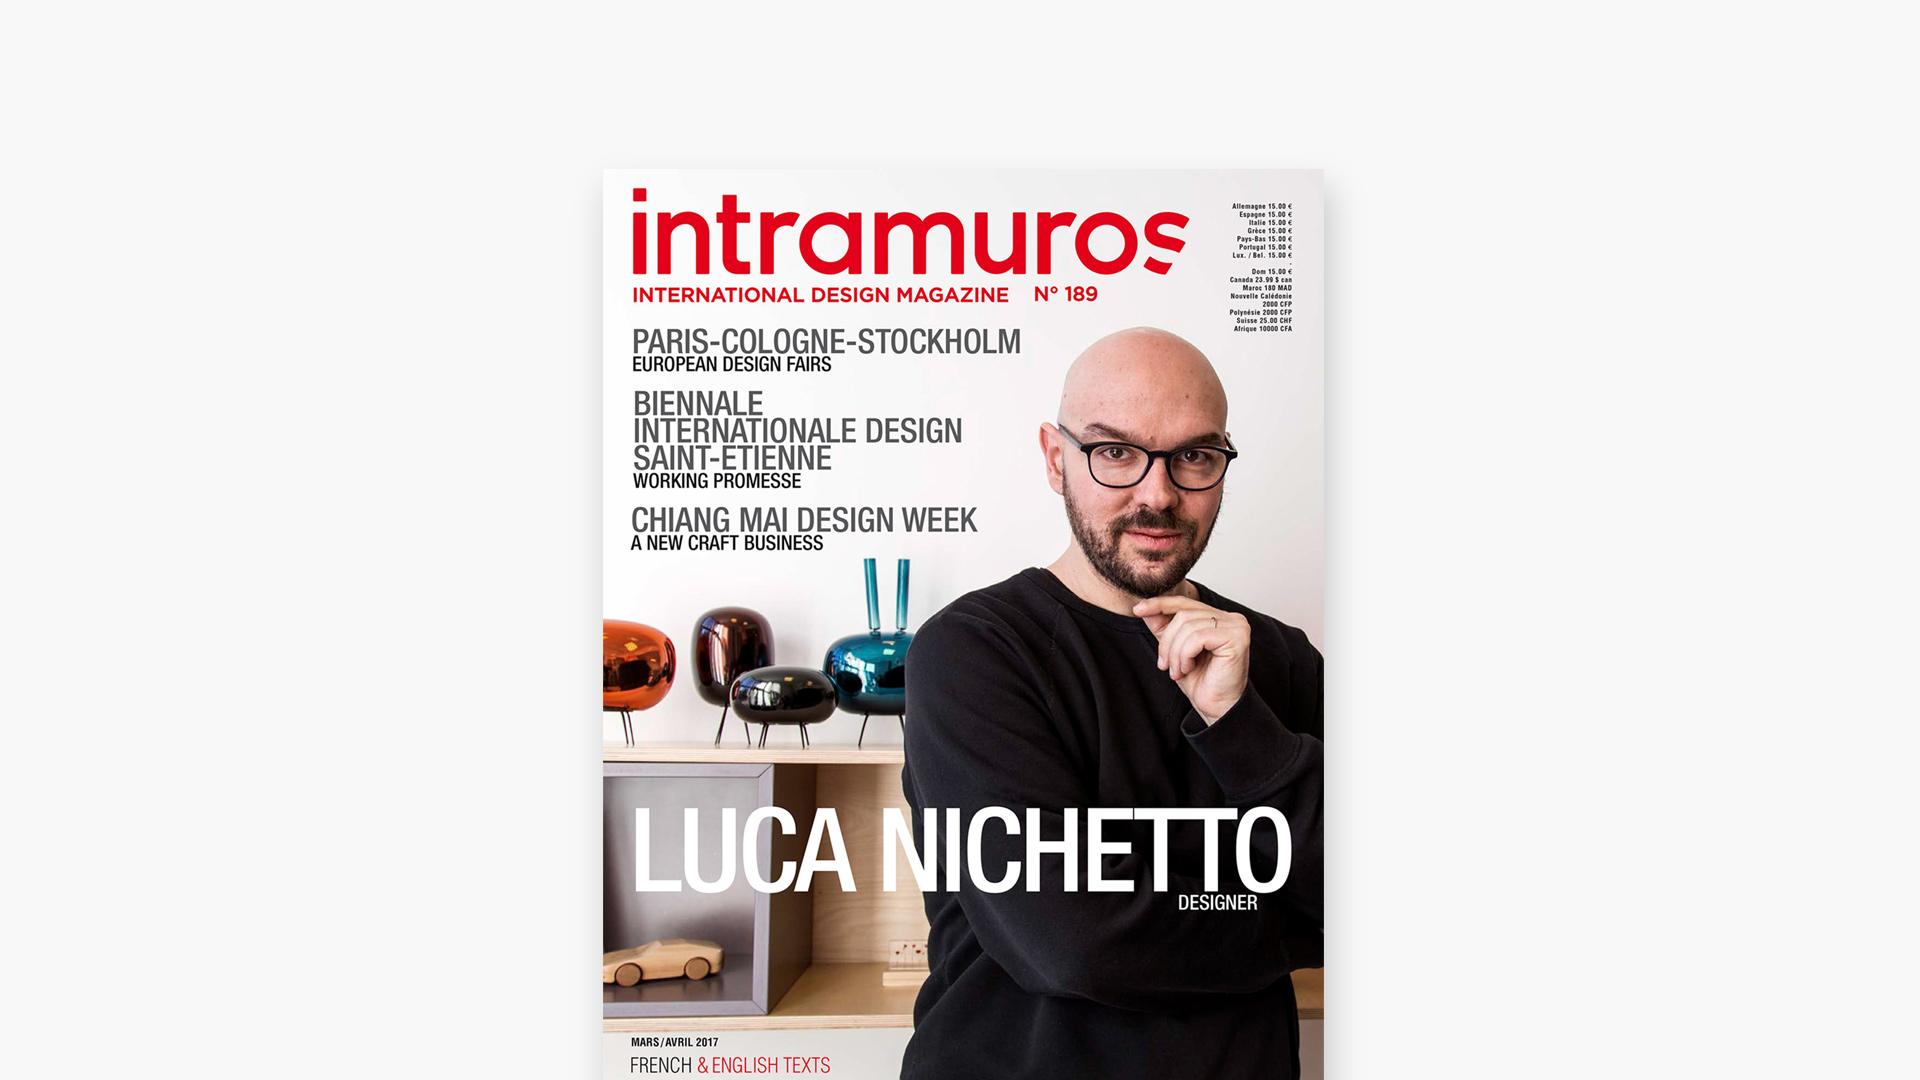 法国著名设计杂志《intramuros》在2017年4月刊专题报道造作艺术总监Luca Nichetto,盎然集线边桌、星云置物系等作品登上杂志内页?x-oss-process=image/format,jpg/interlace,1